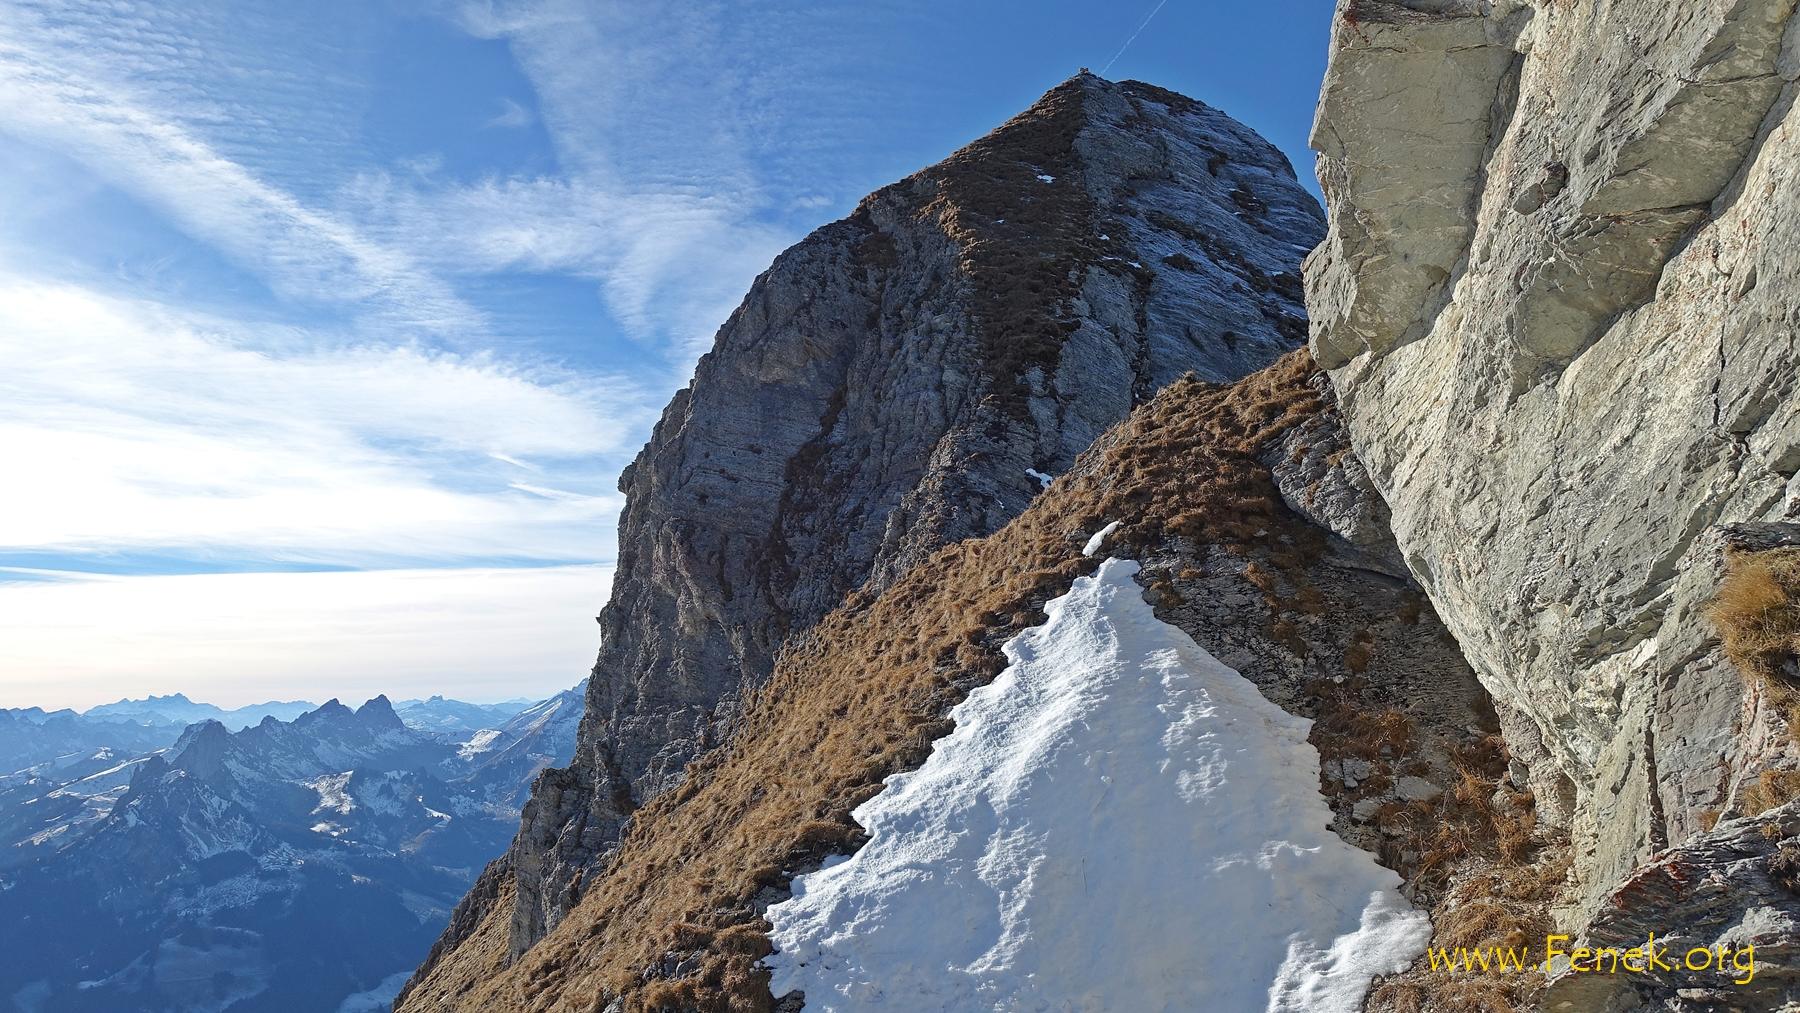 der Gipfelkopf mit dem steilen Aufstieg....